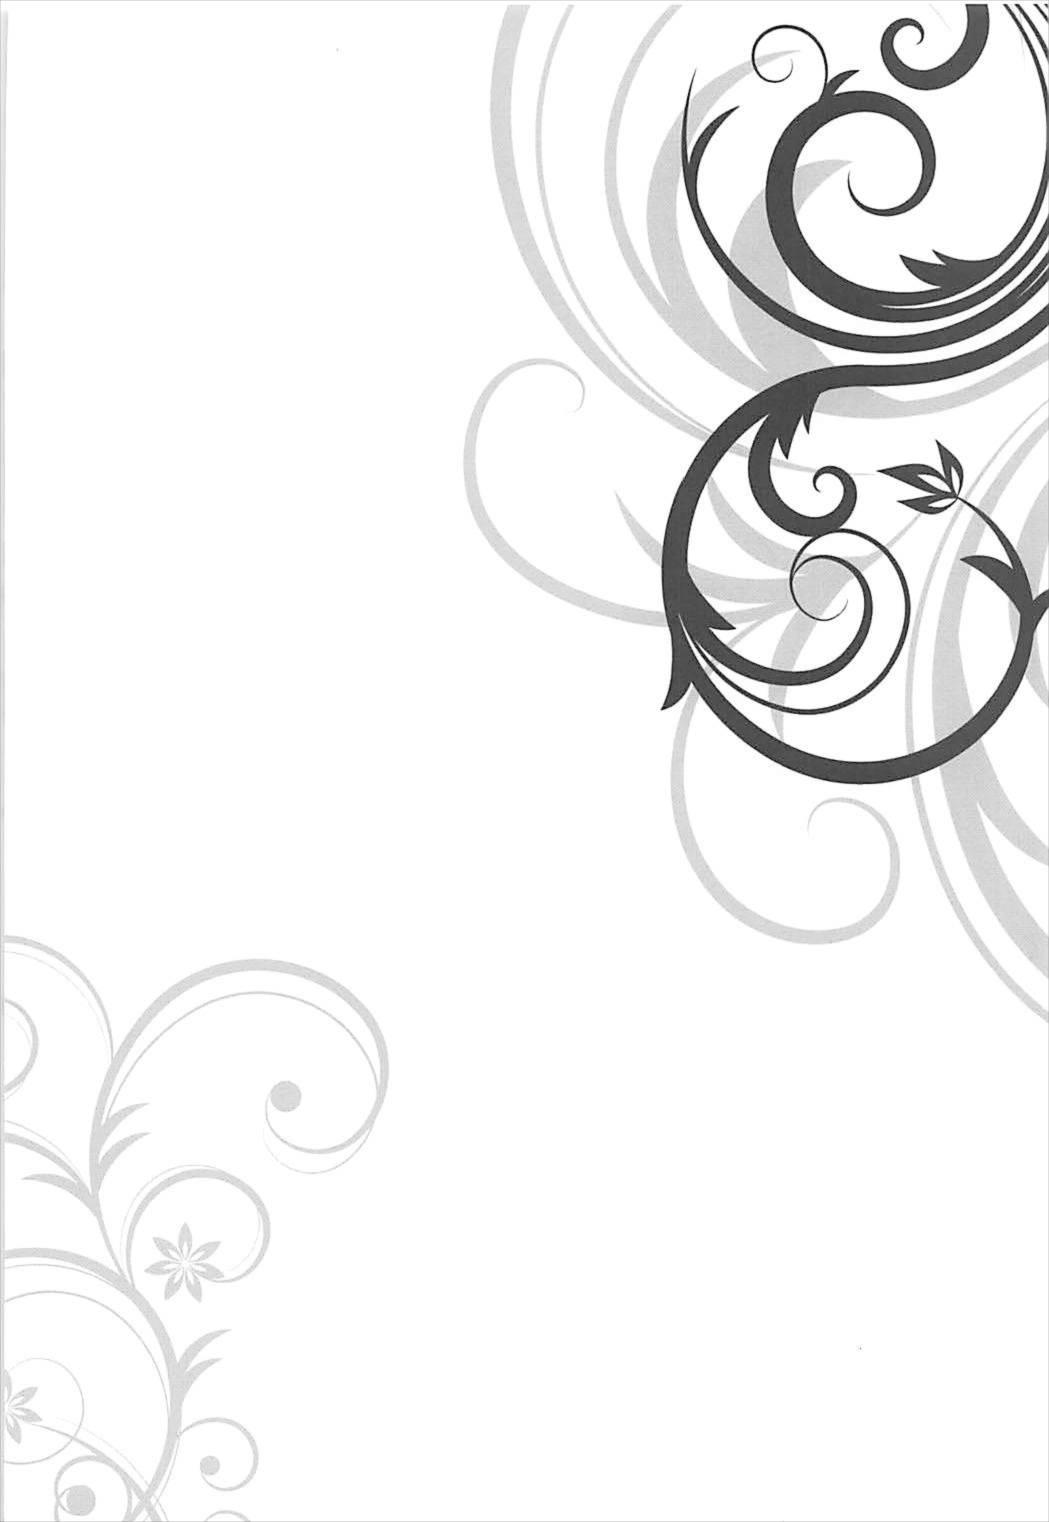 【エロ同人誌 アズールレーン】お嬢様とメイド、ふたりのまんこに中出ししてふたりにフェラさせる指揮官w【無料 エロ漫画】 (3)